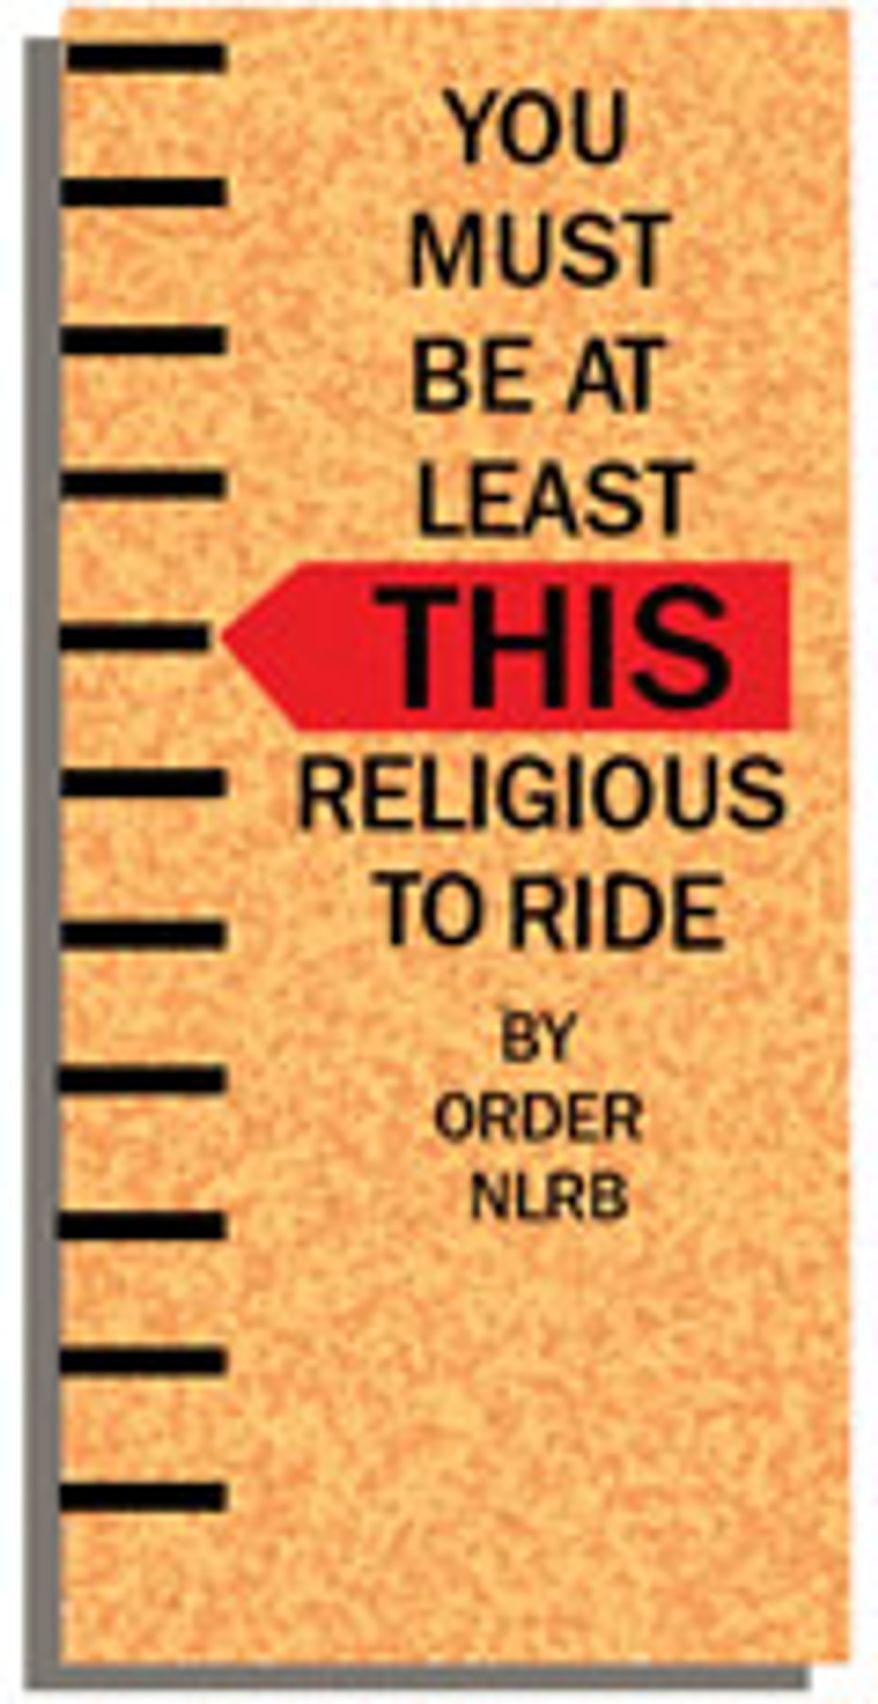 Illustration: NLRB guide